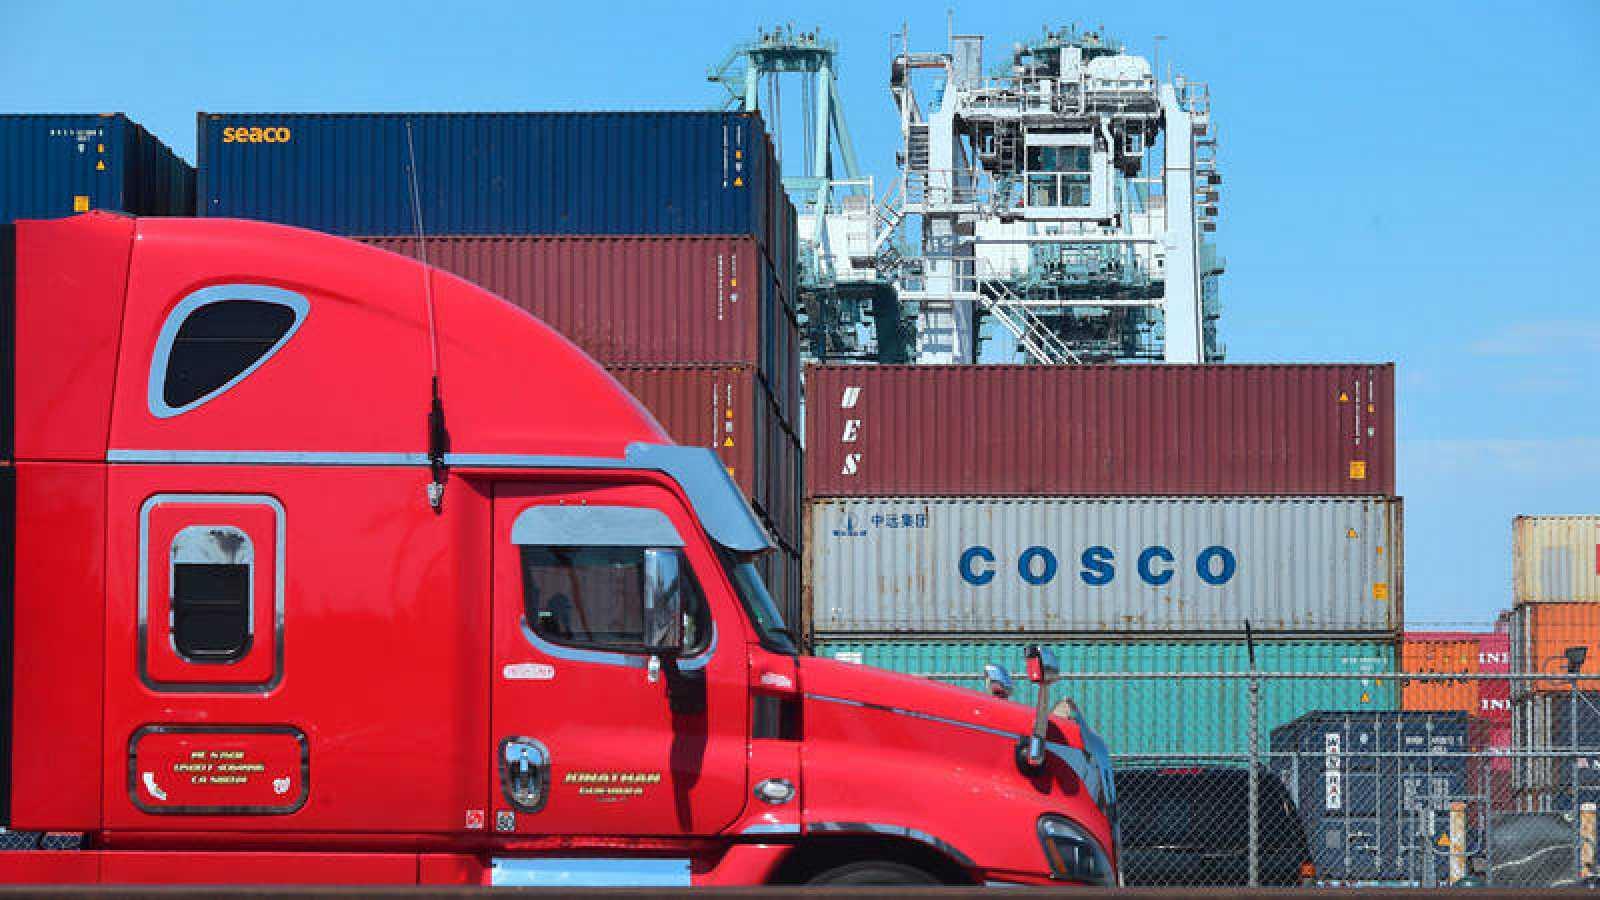 Esta es la segunda vez que Estados Unidos impone aranceles a los productos chinos en el último mes.